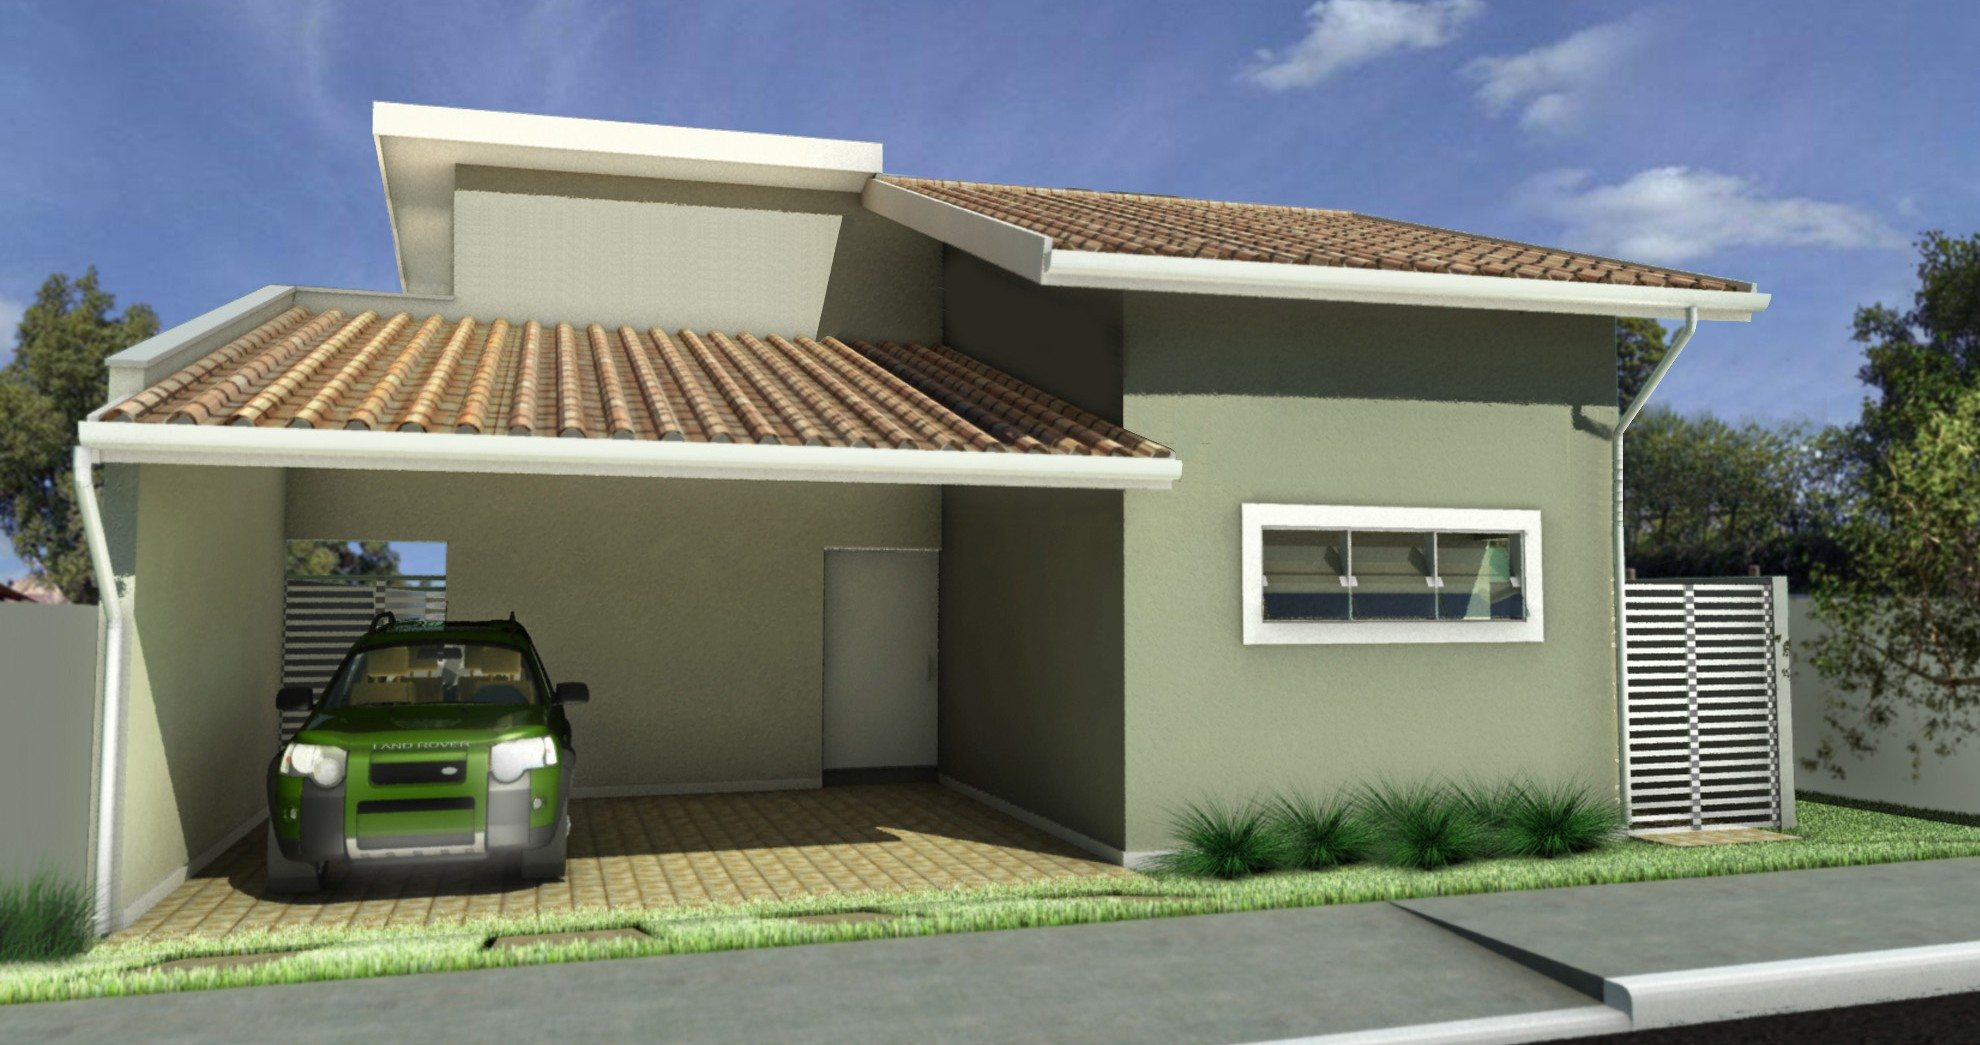 Fachadas de casas com garagem modernas pequenas fotos for Modelo de fachadas para casas modernas